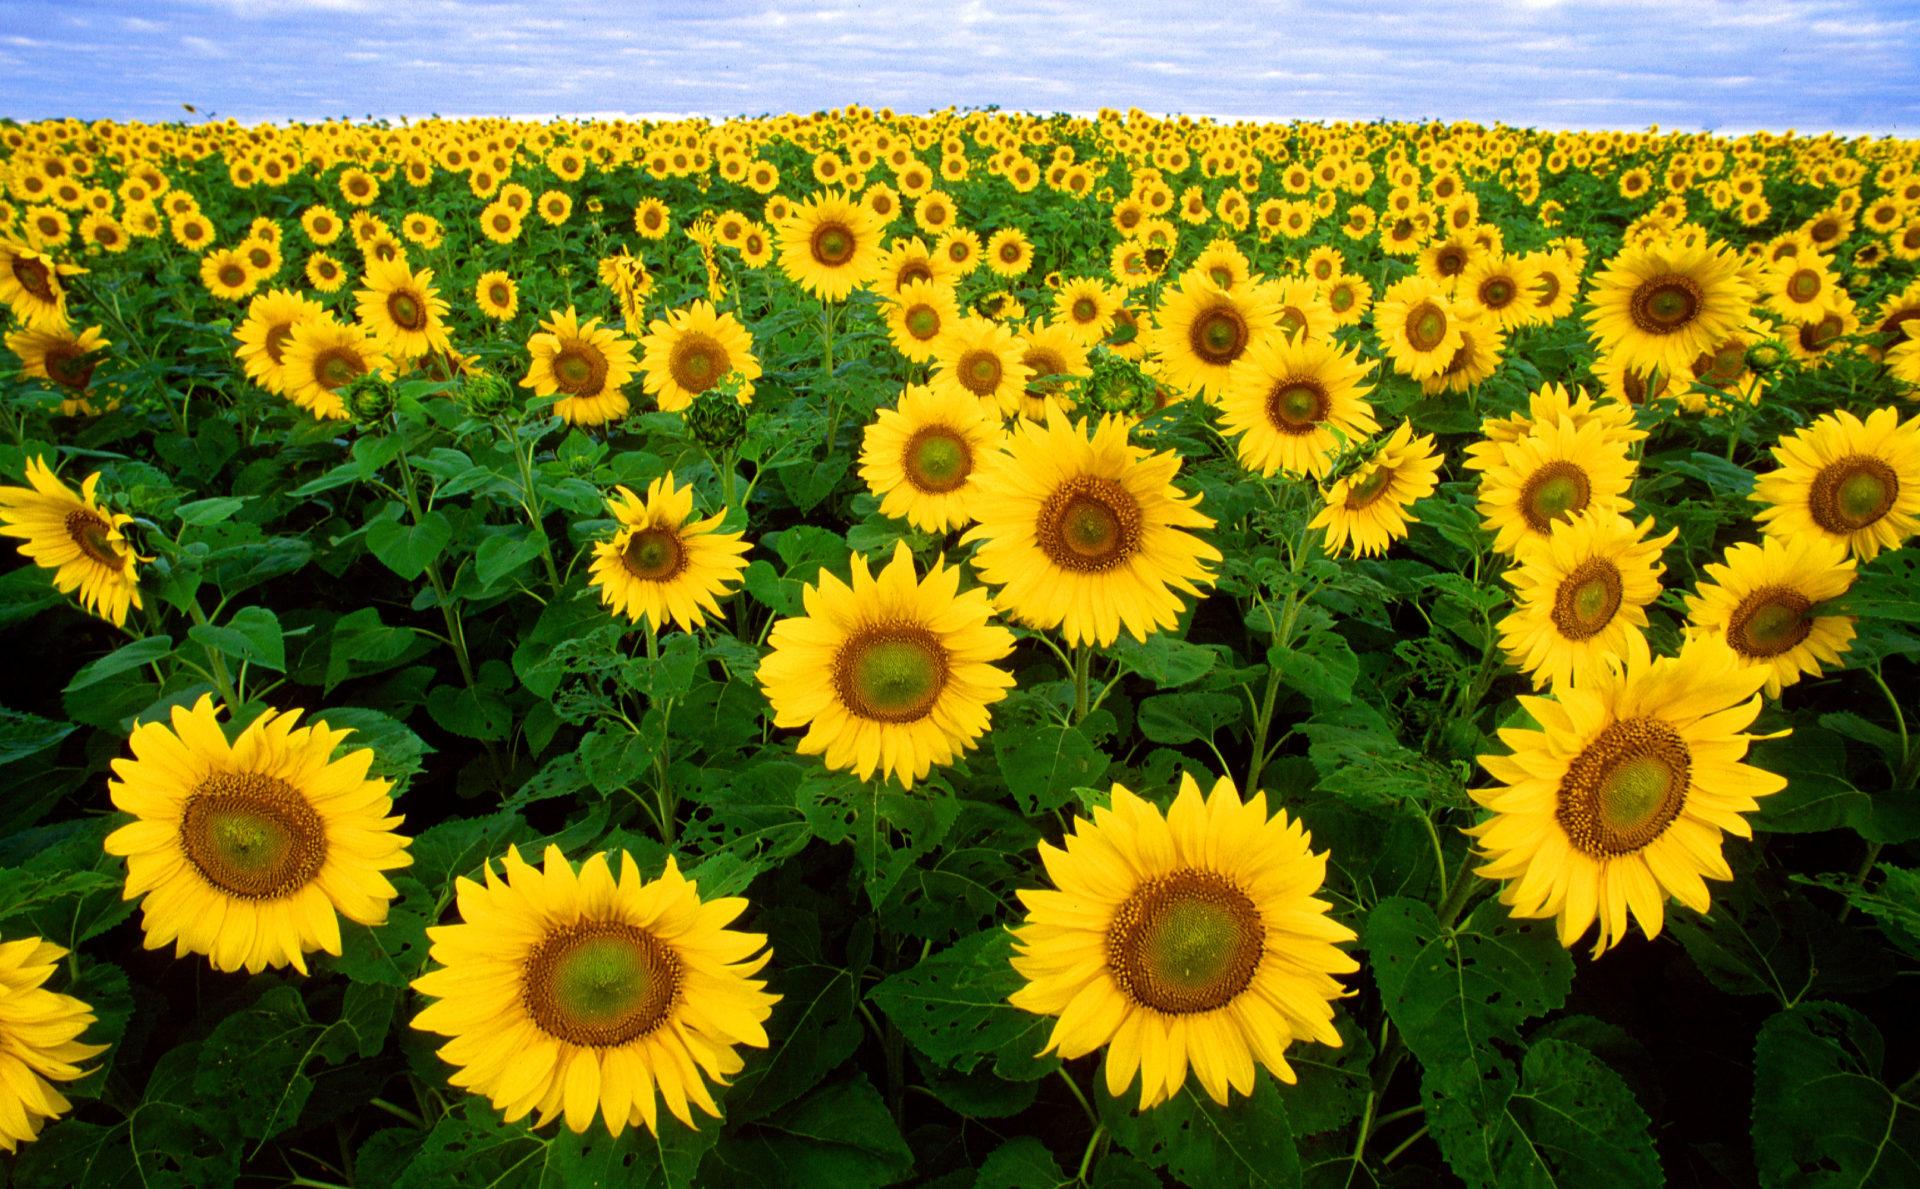 Американские биологи выяснили причину поворачивания подсолнухов к солнцу